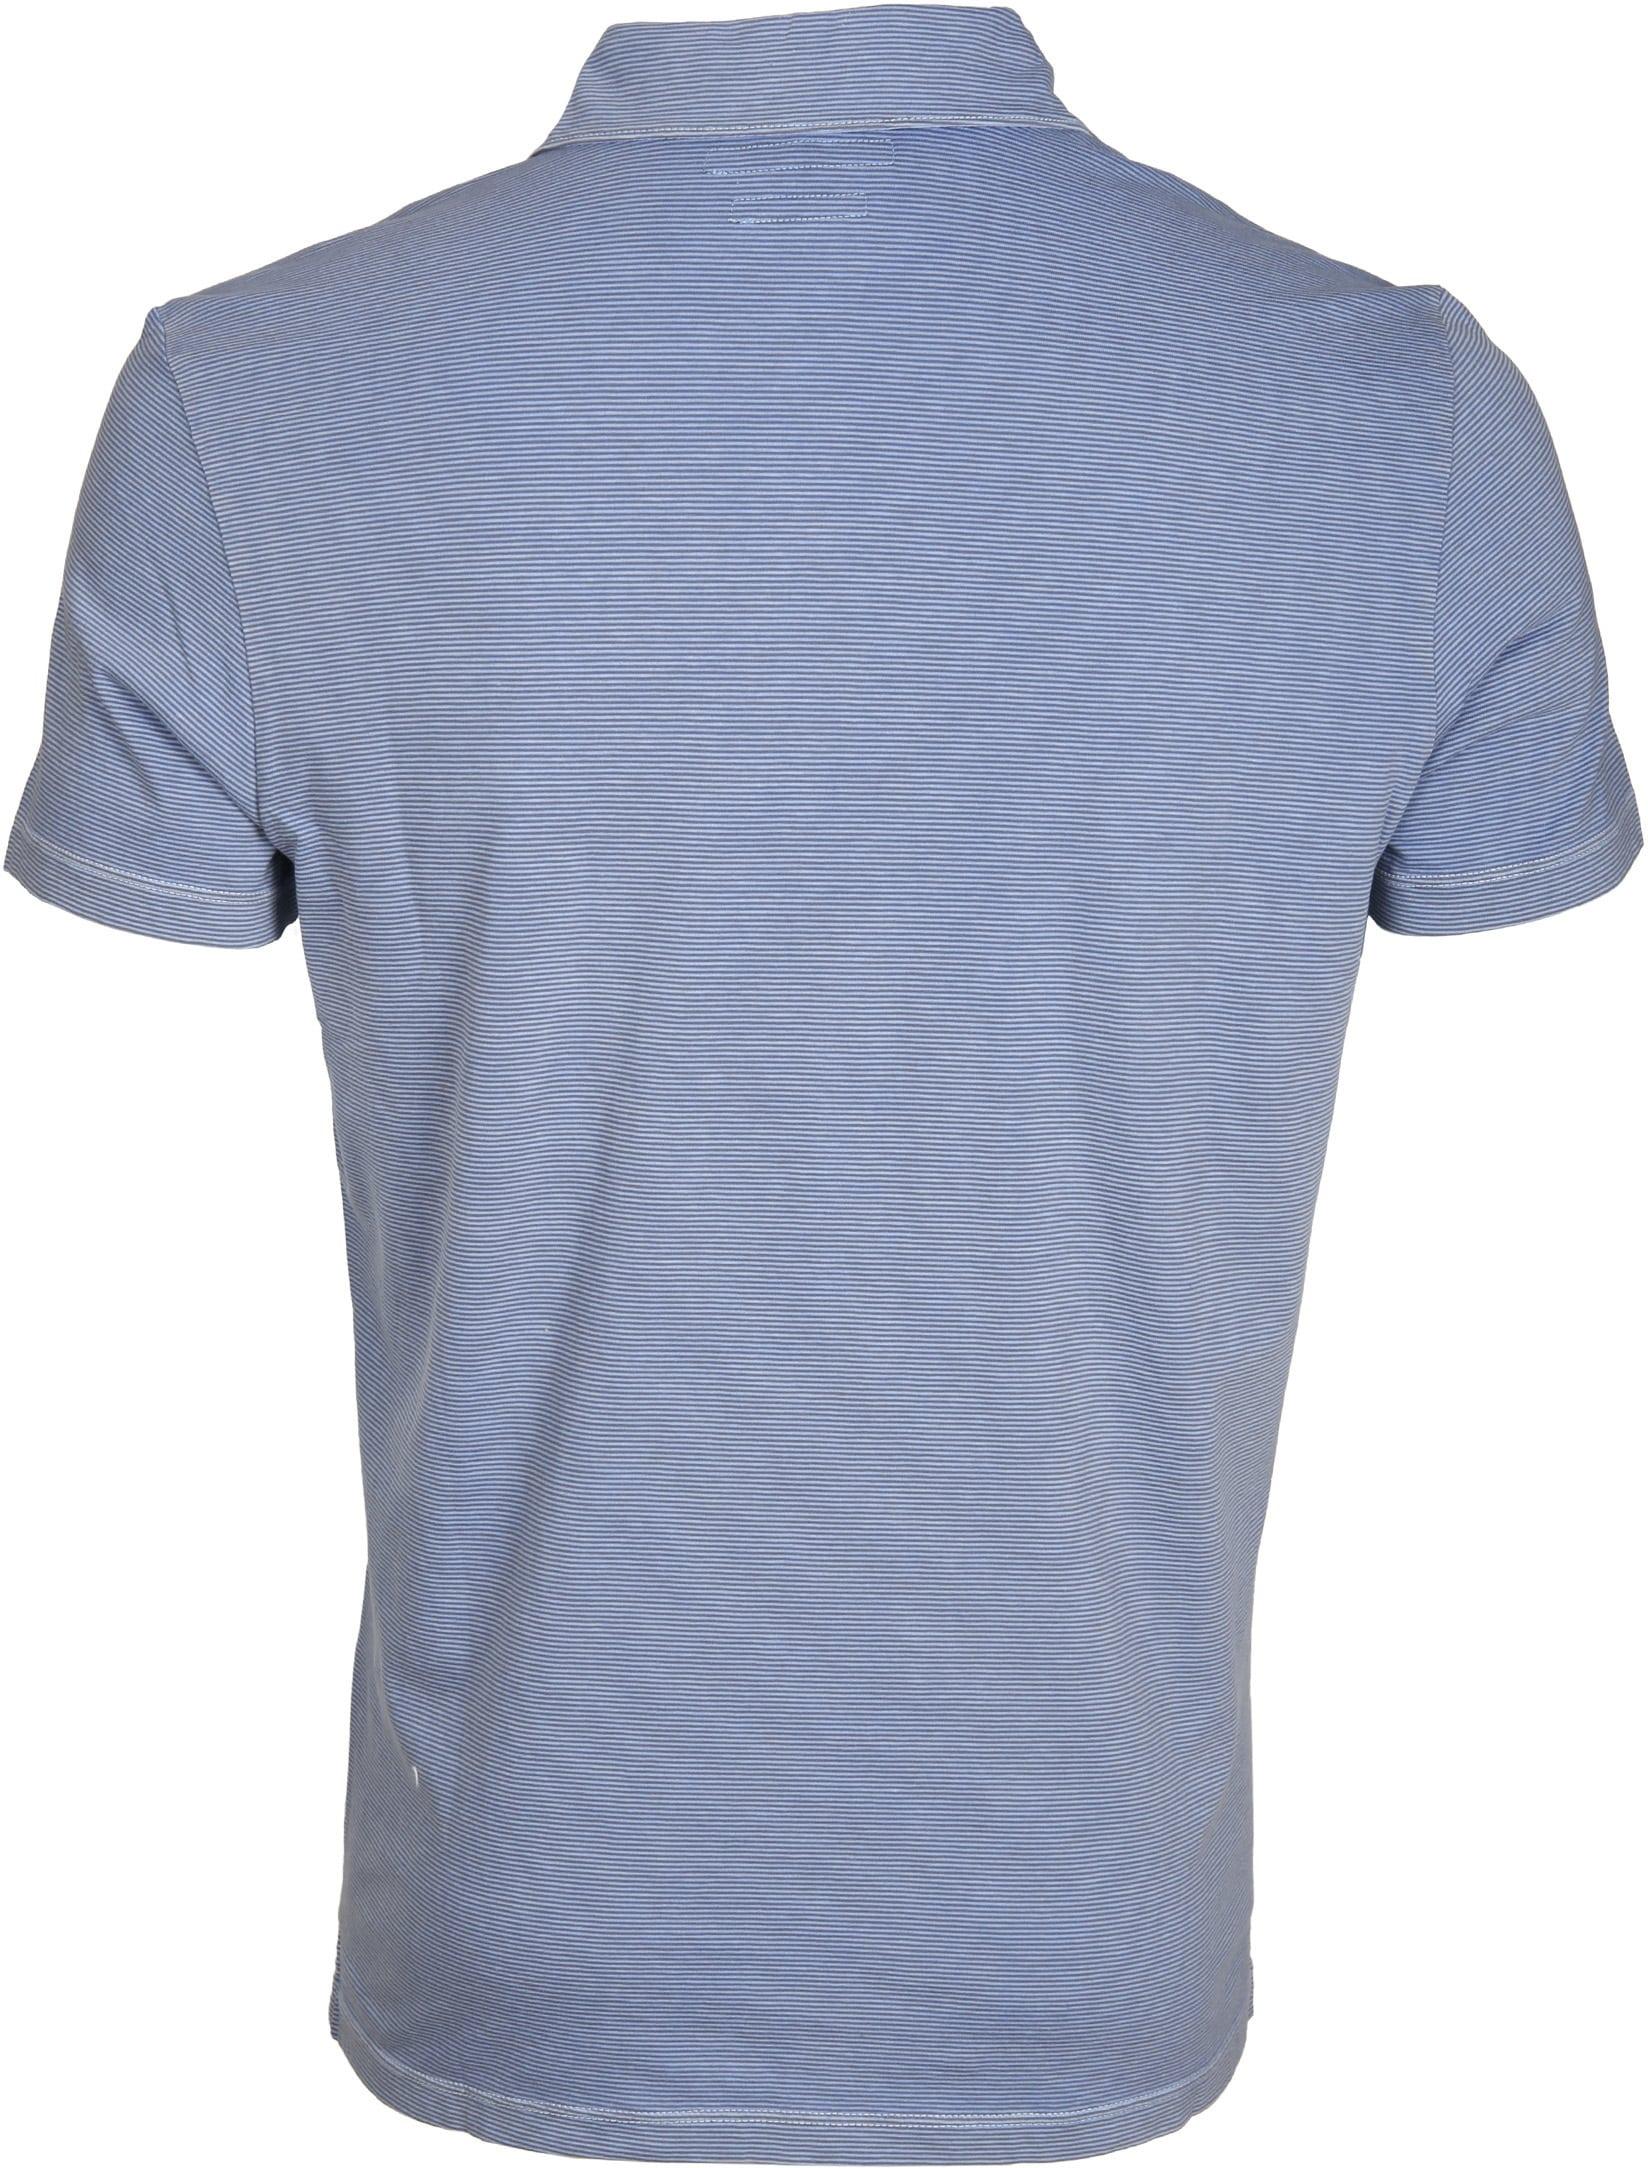 Marc O'Polo Poloshirt Rib Detail Blau foto 2